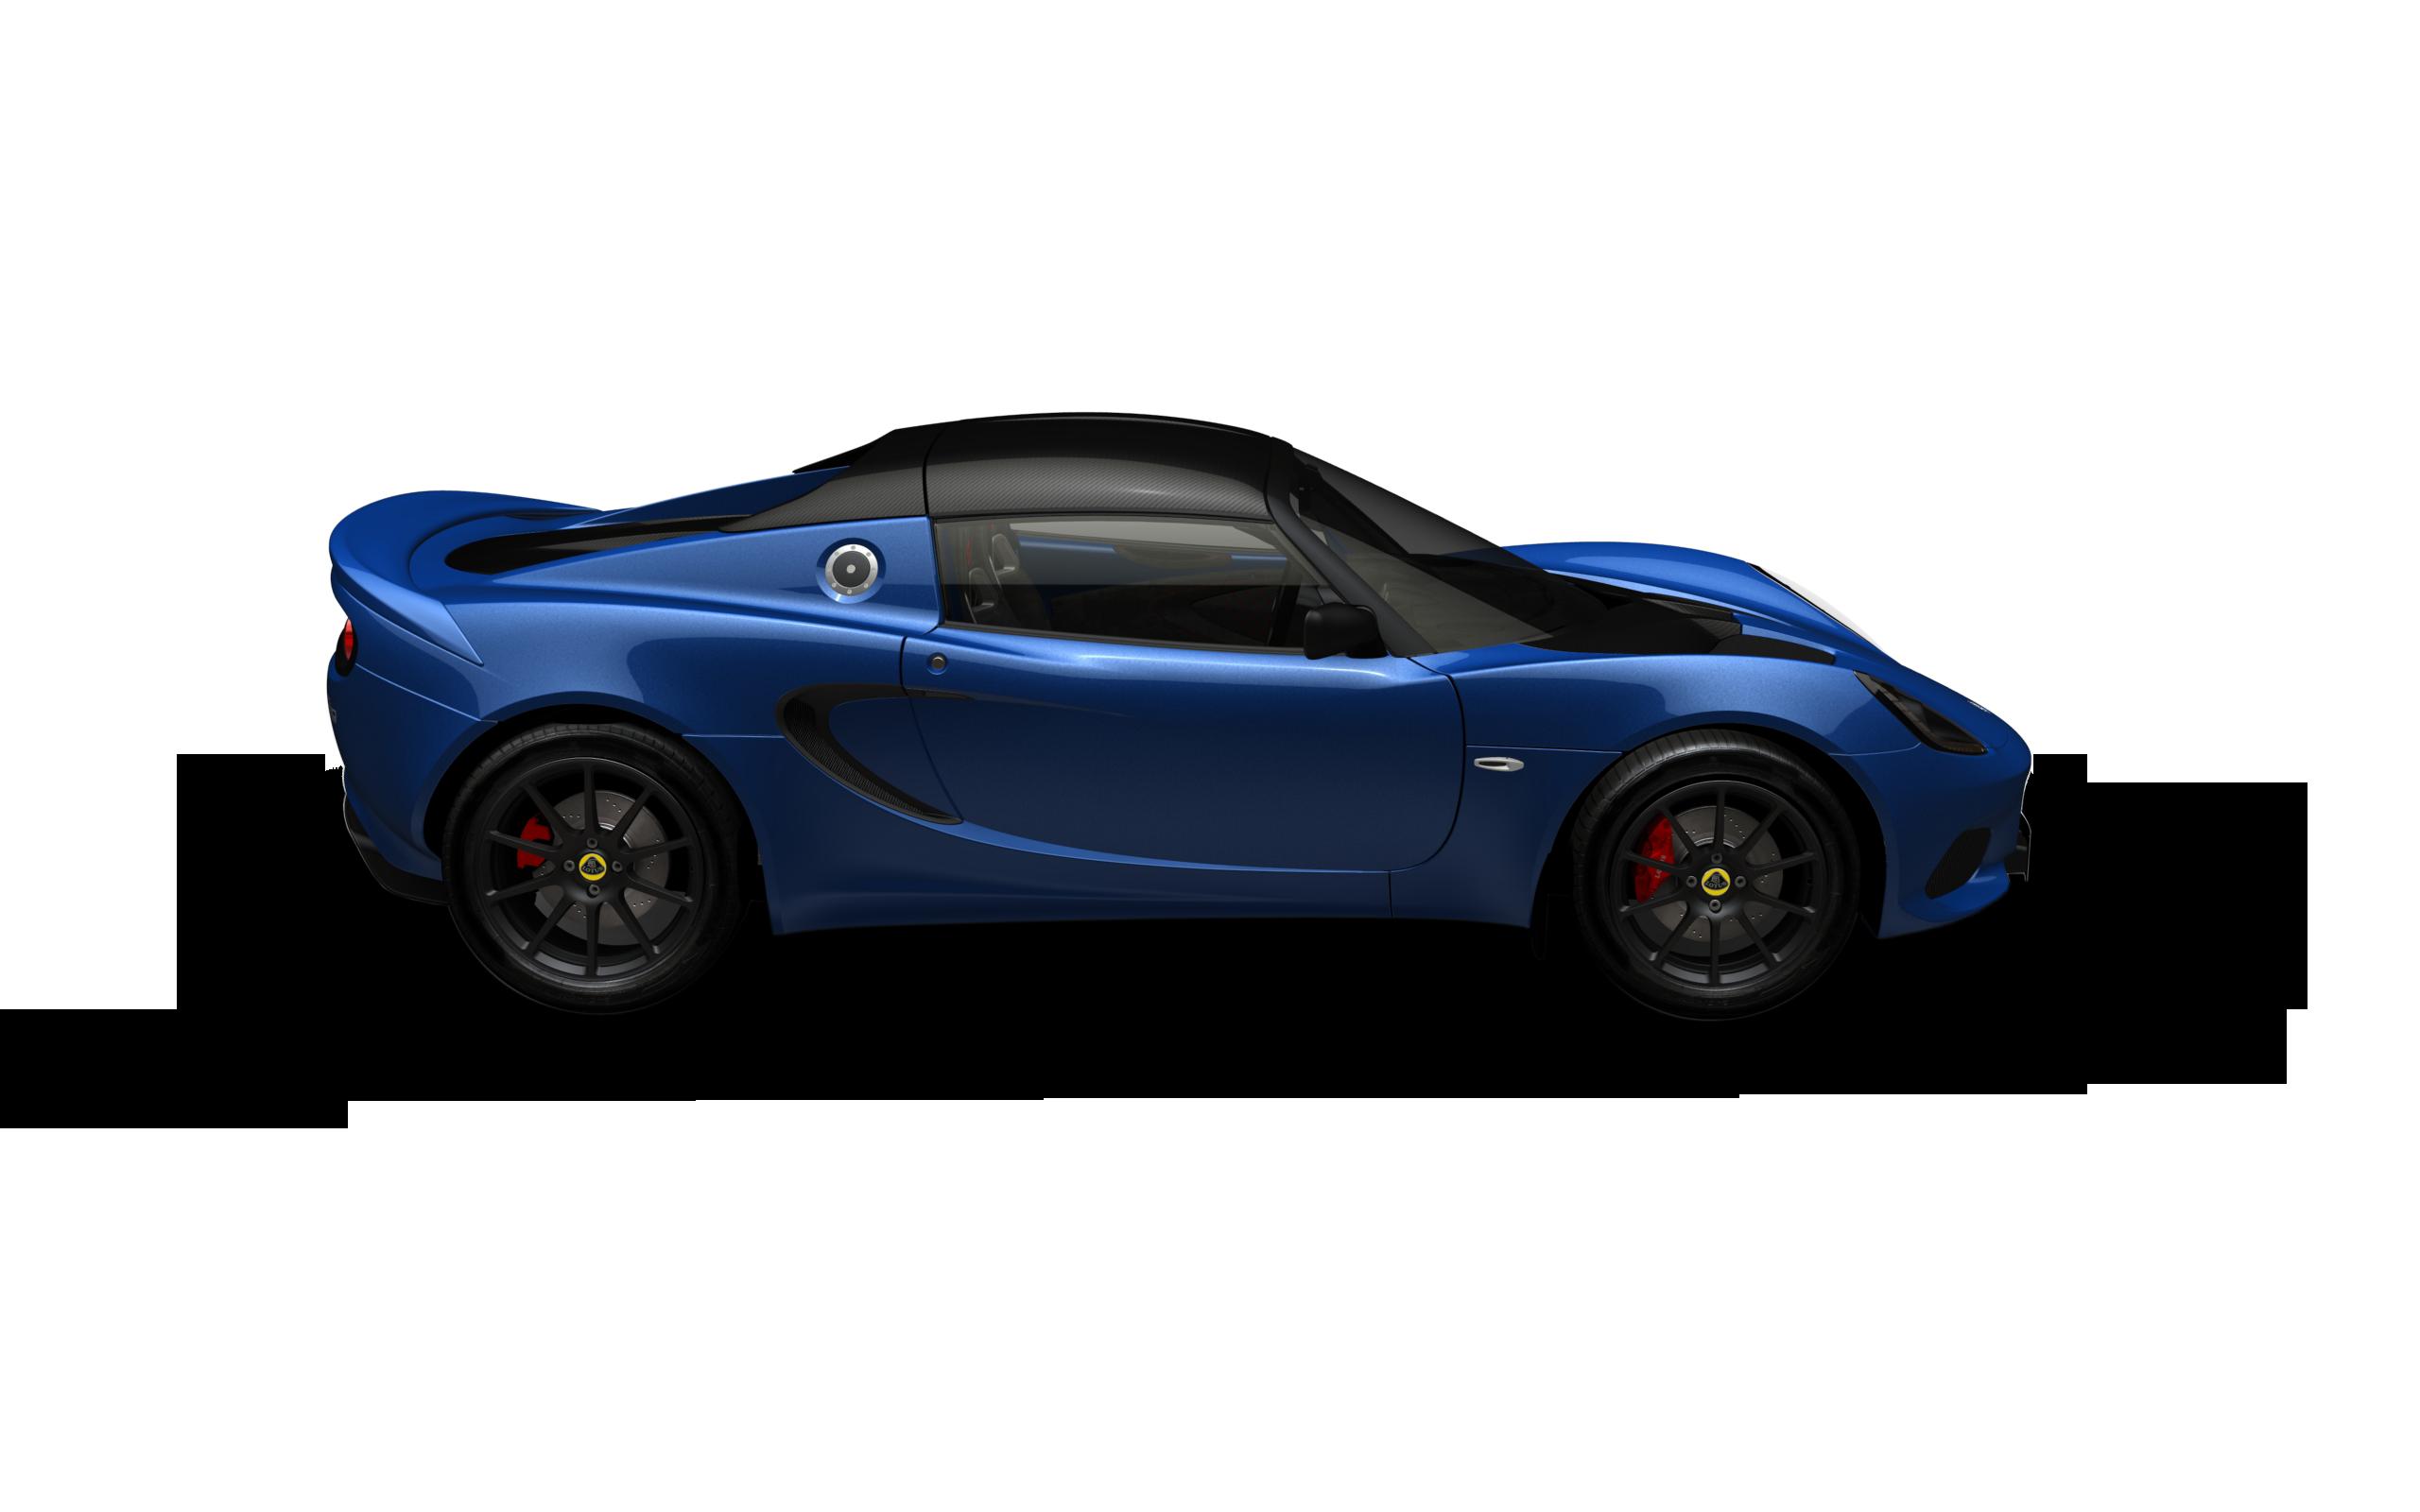 Lotus машина PNG